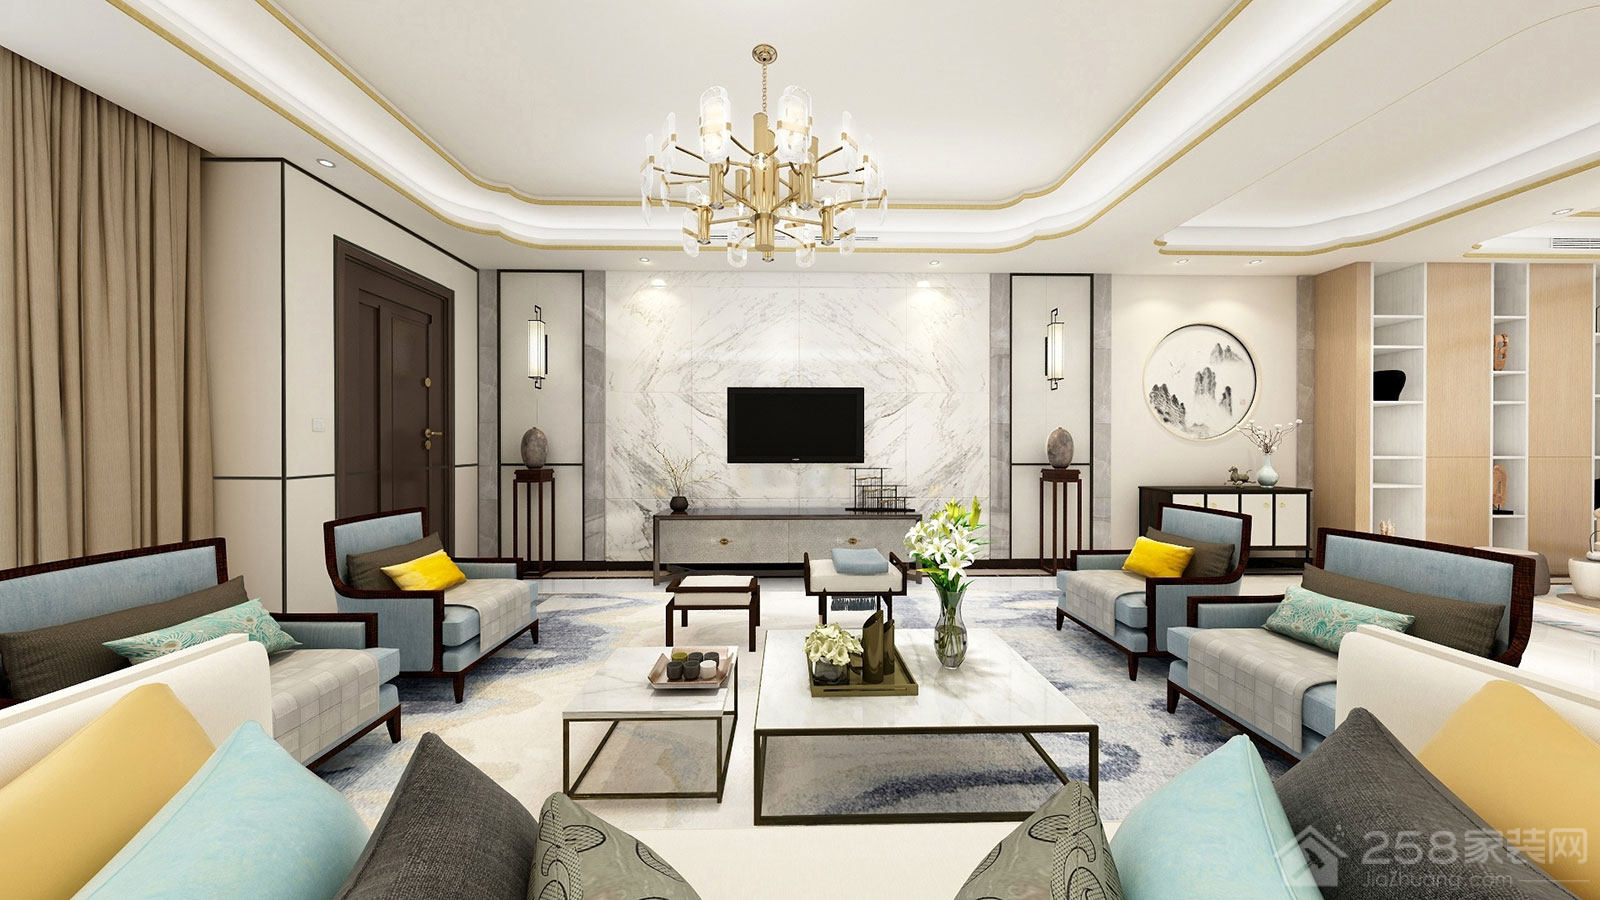 新中式客厅大理石电视背景墙效果图